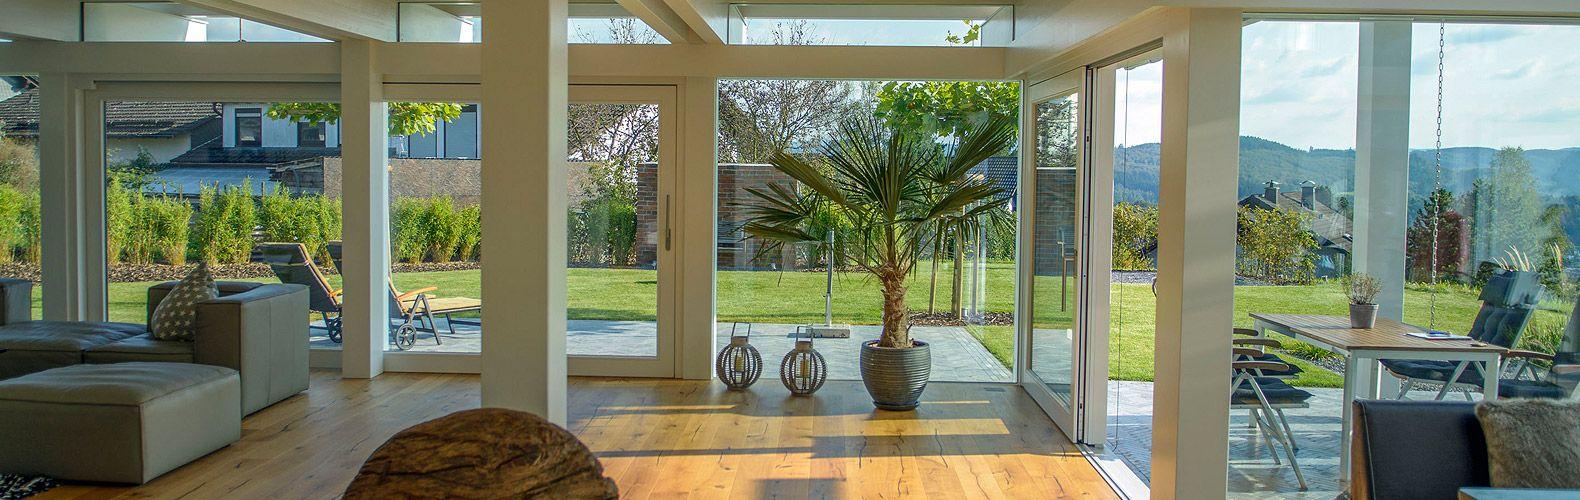 Transparentes Preis Leistungsverhaltnis Bei Kd Haus Haus Fachwerkhauser Aufsteller